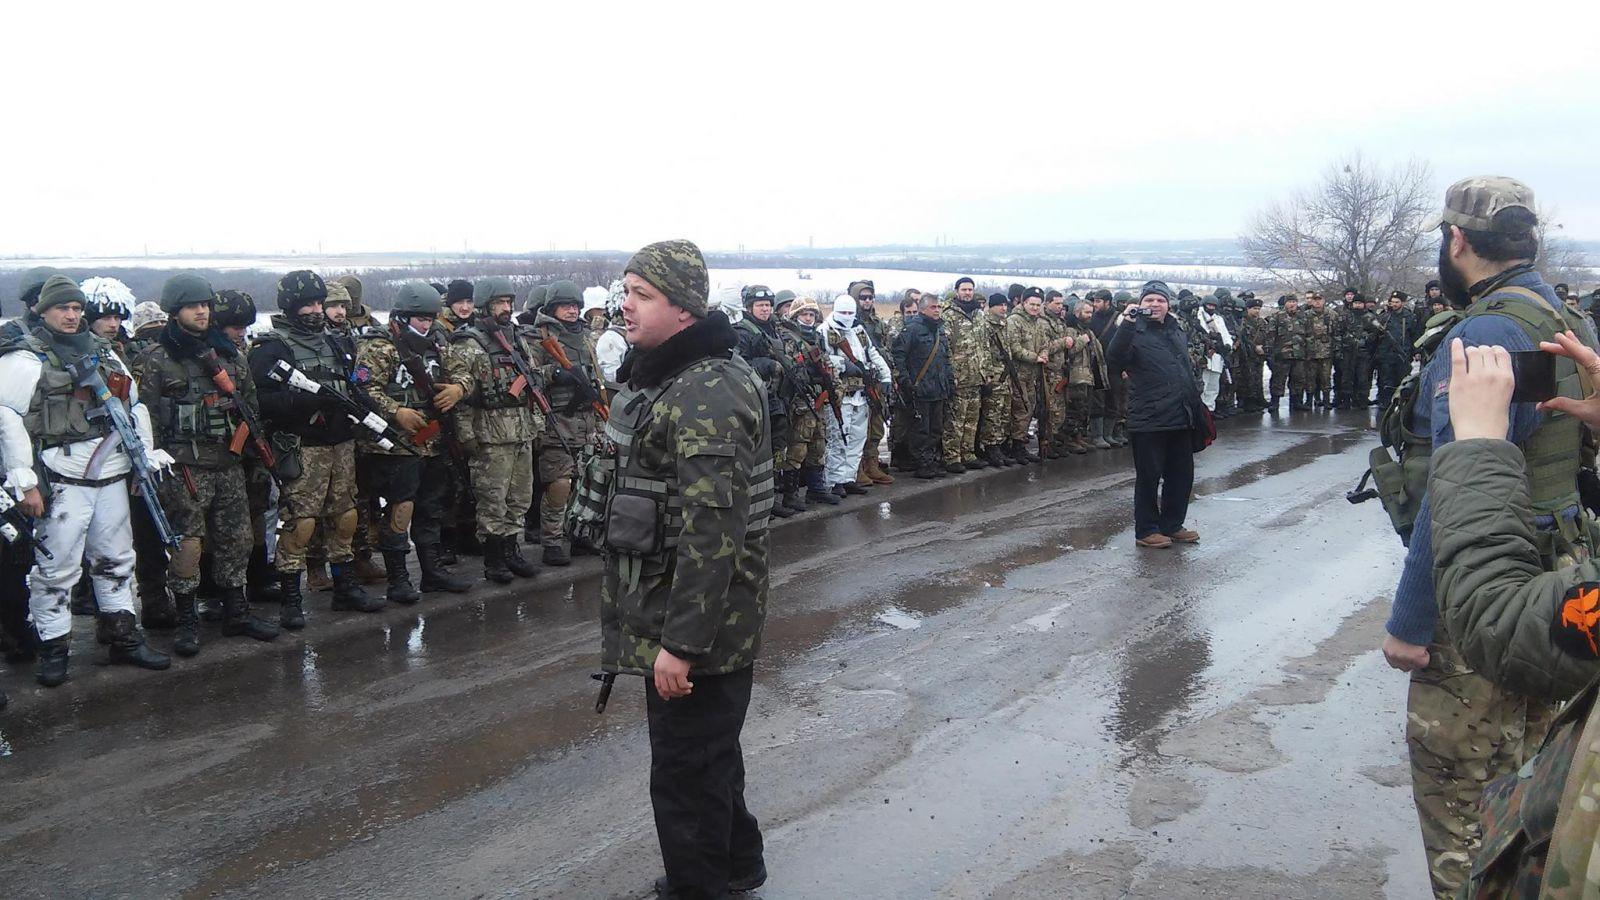 Торжественная речь С. Семенченко перед участниками блокады ЛДНР